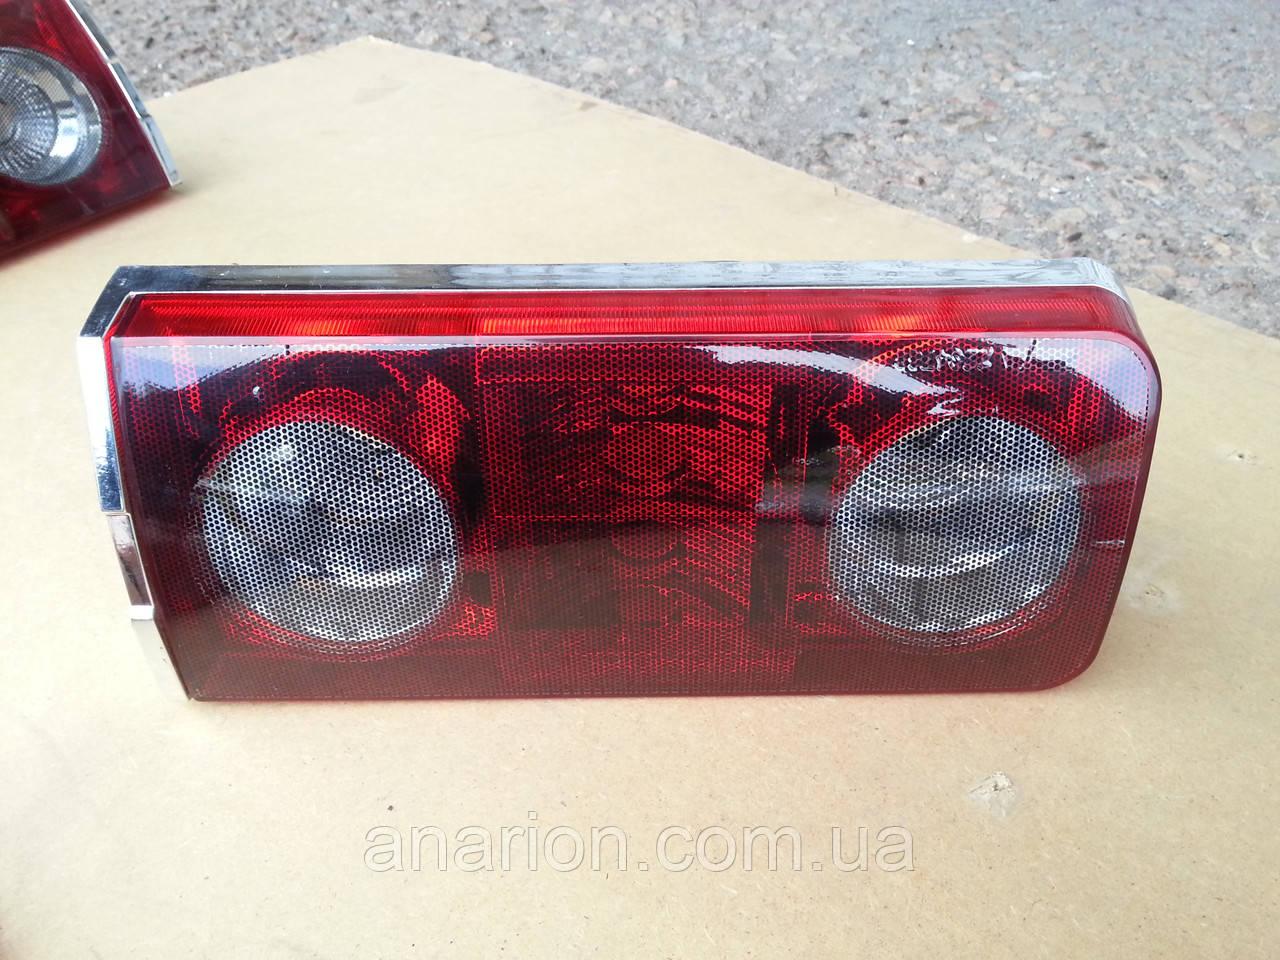 Задние фонари на ВАЗ 2106 Red 2.